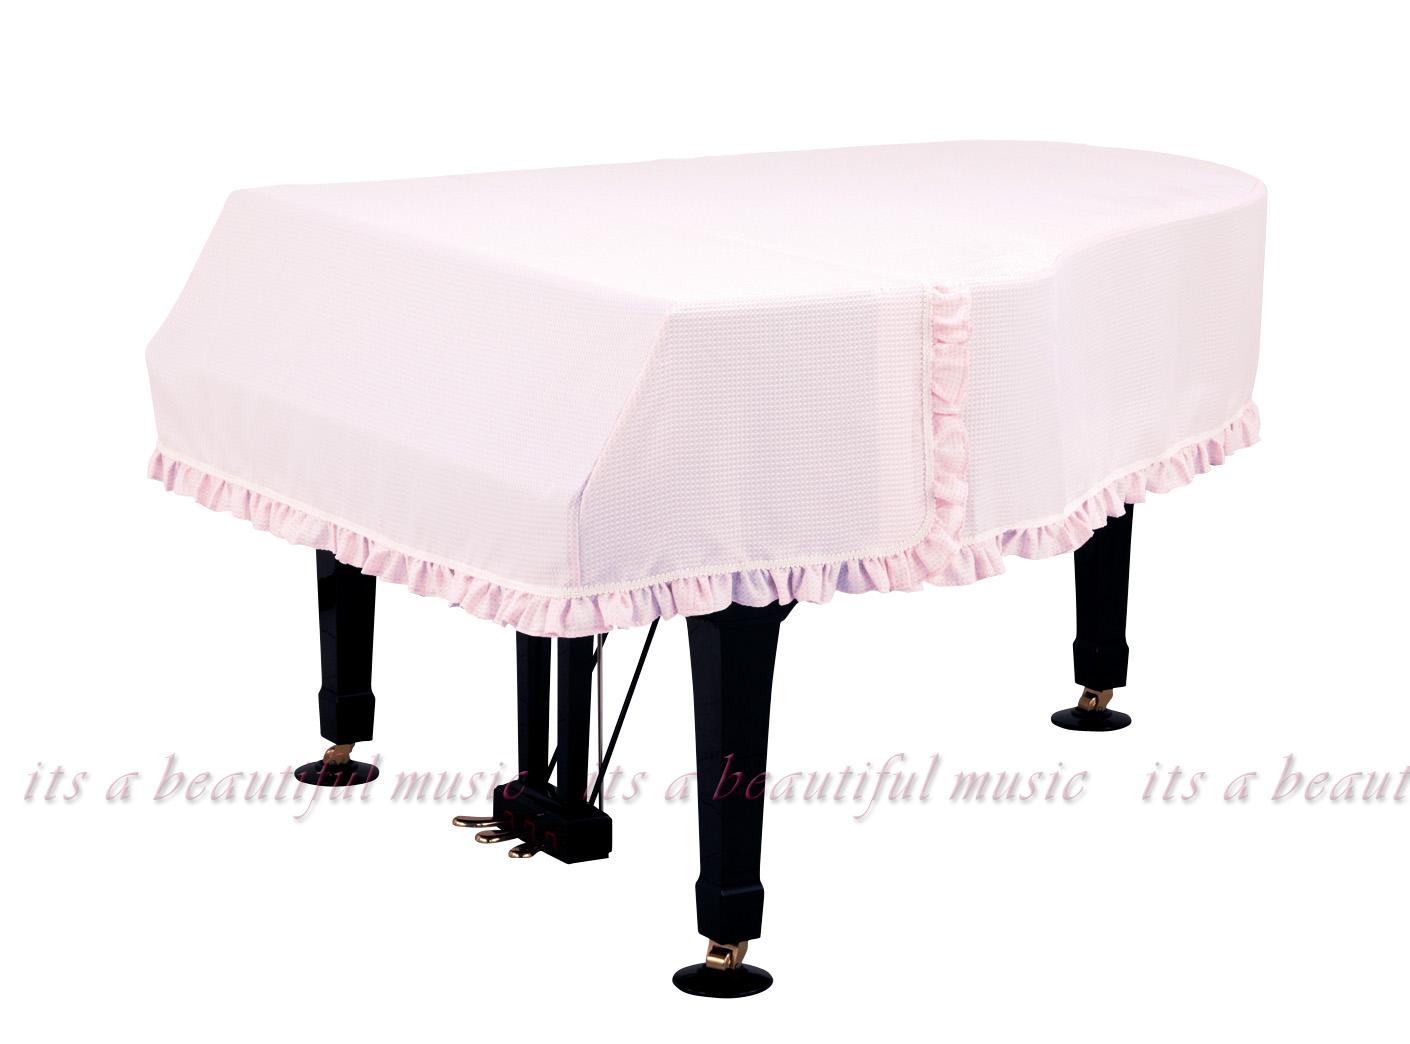 選びやすい商品配列、素材感が伝わる高詳細画像にリニューアル!有名3メーカー最新ピアノカバーをご紹介! 【its】レビューでもれなく高級クロス同梱!グランドピアノカバー 甲南 さくら【奥行150~160cm未満/A1/GB1K/GM12/G-156等】(甲南さくらシリーズ)